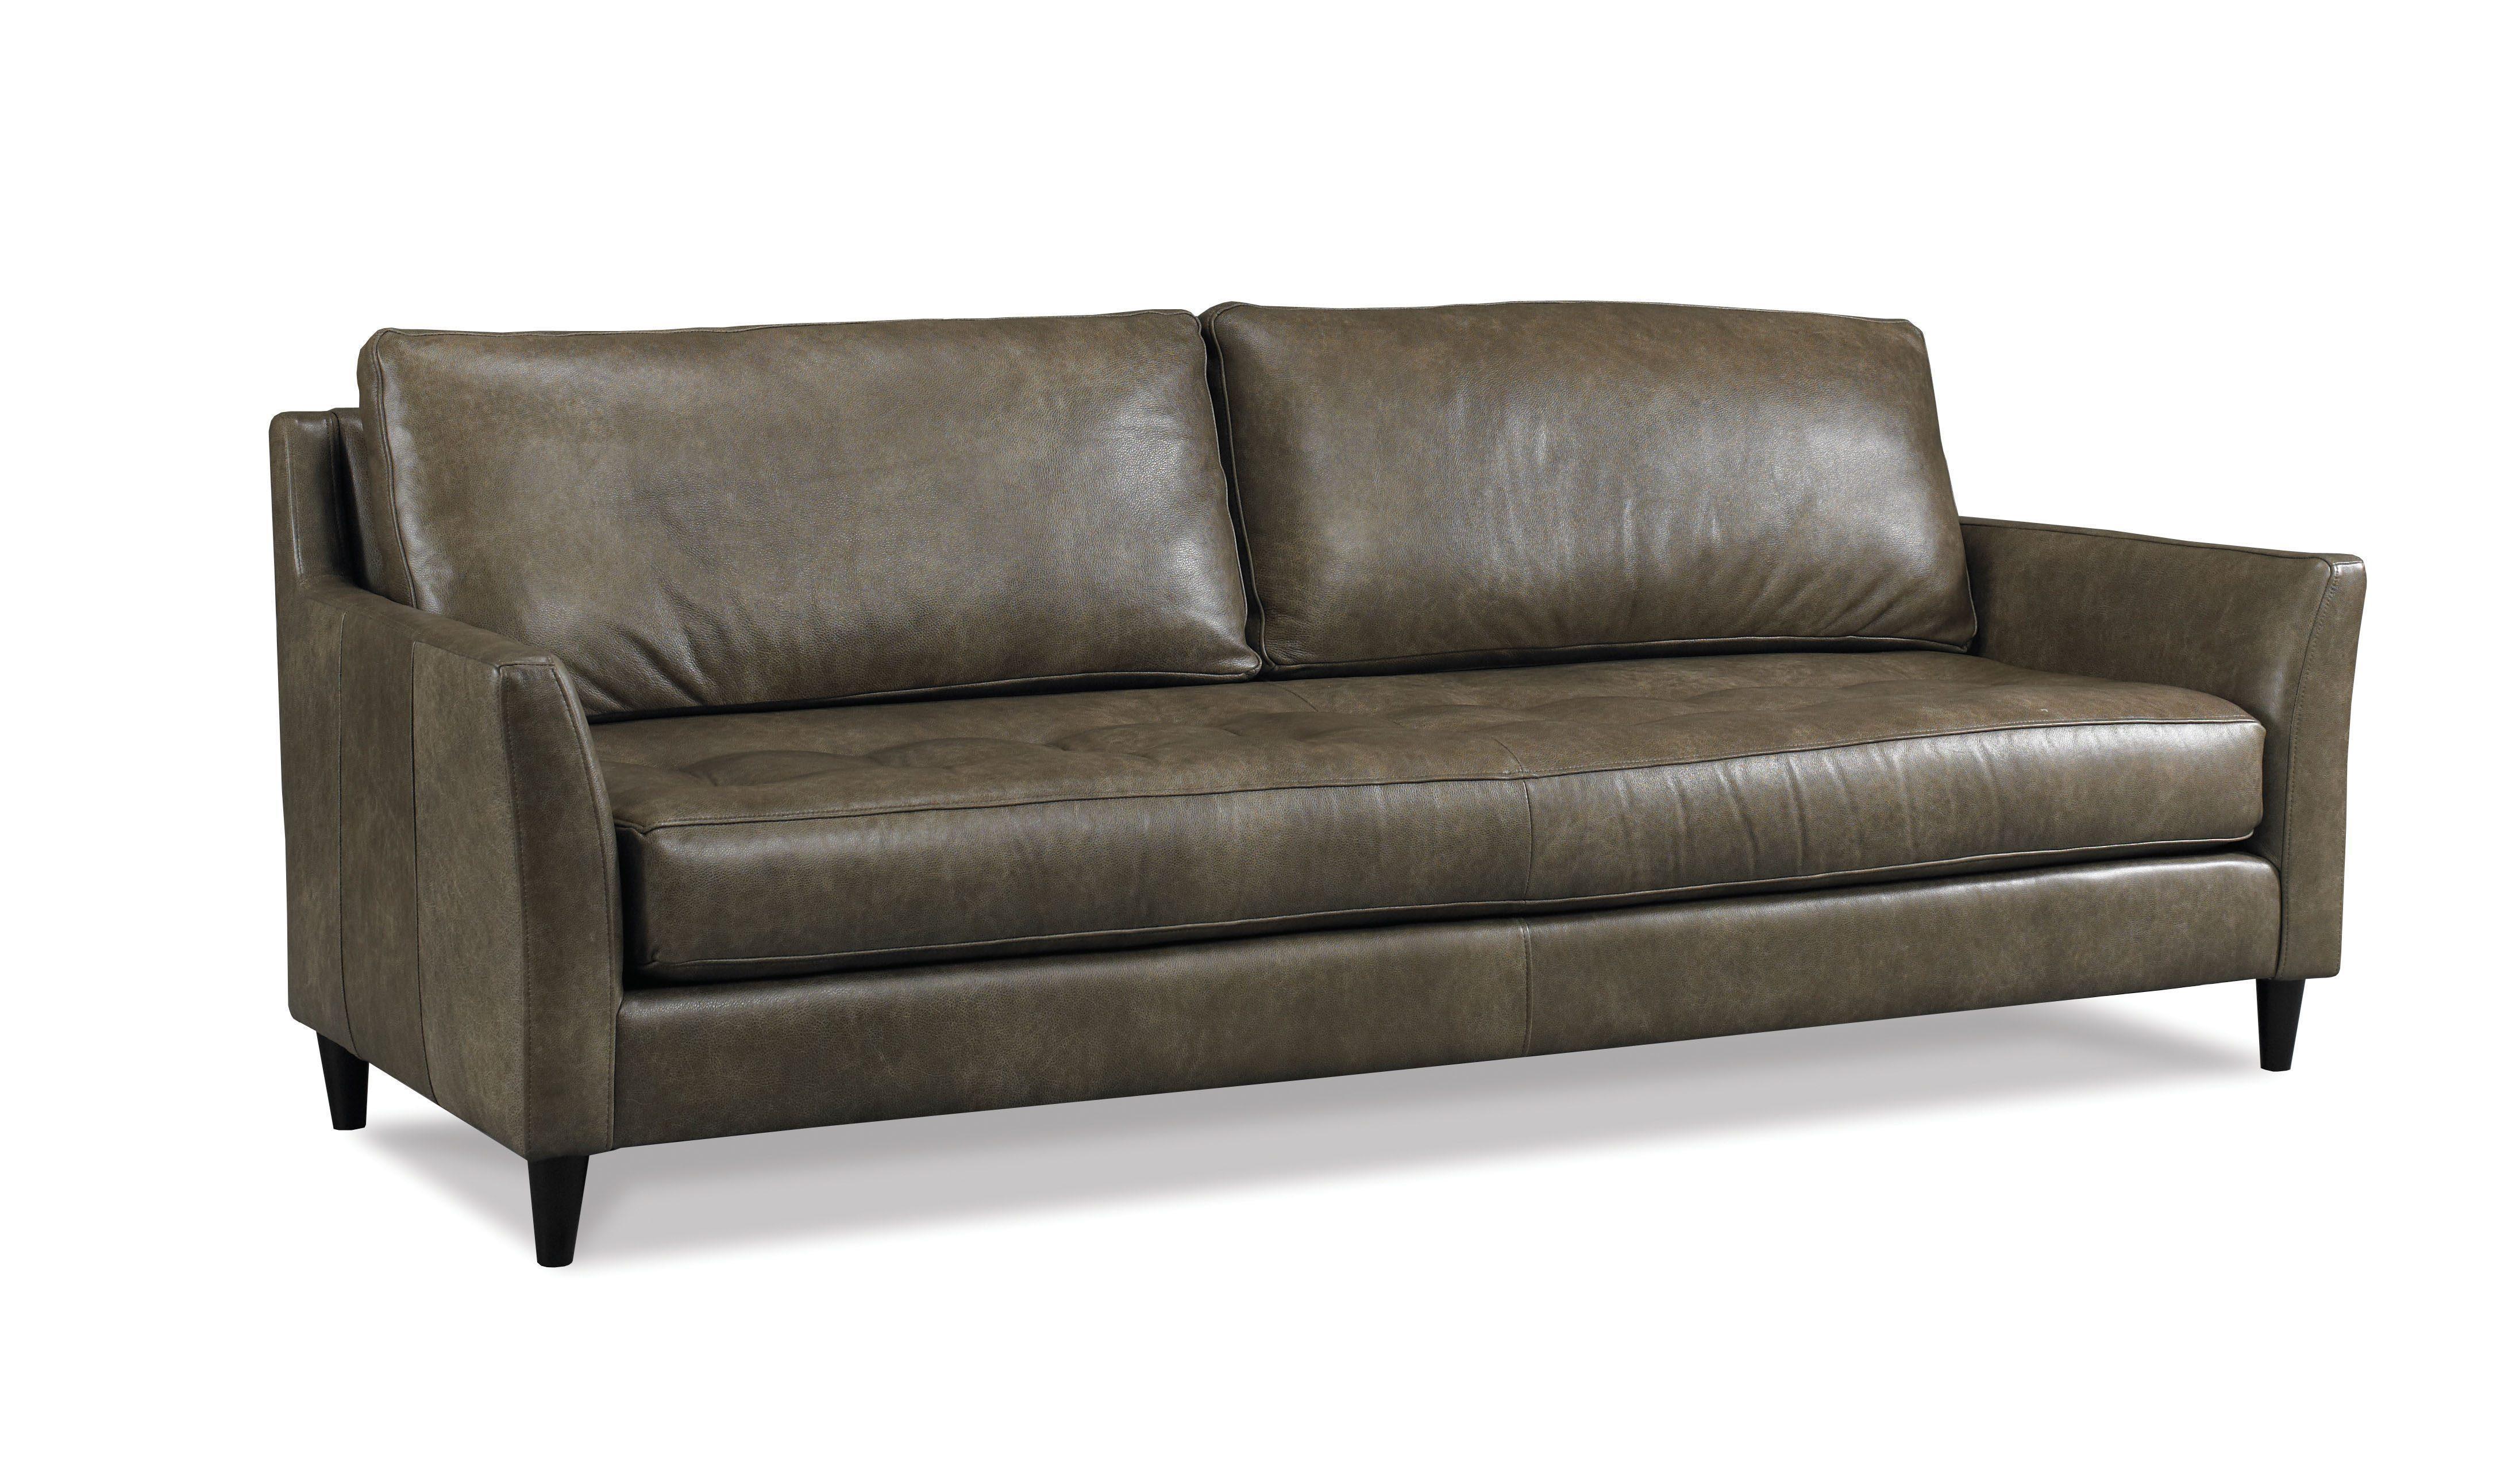 Living Room Furniture Austin L3171 S1 Precedent Furniture